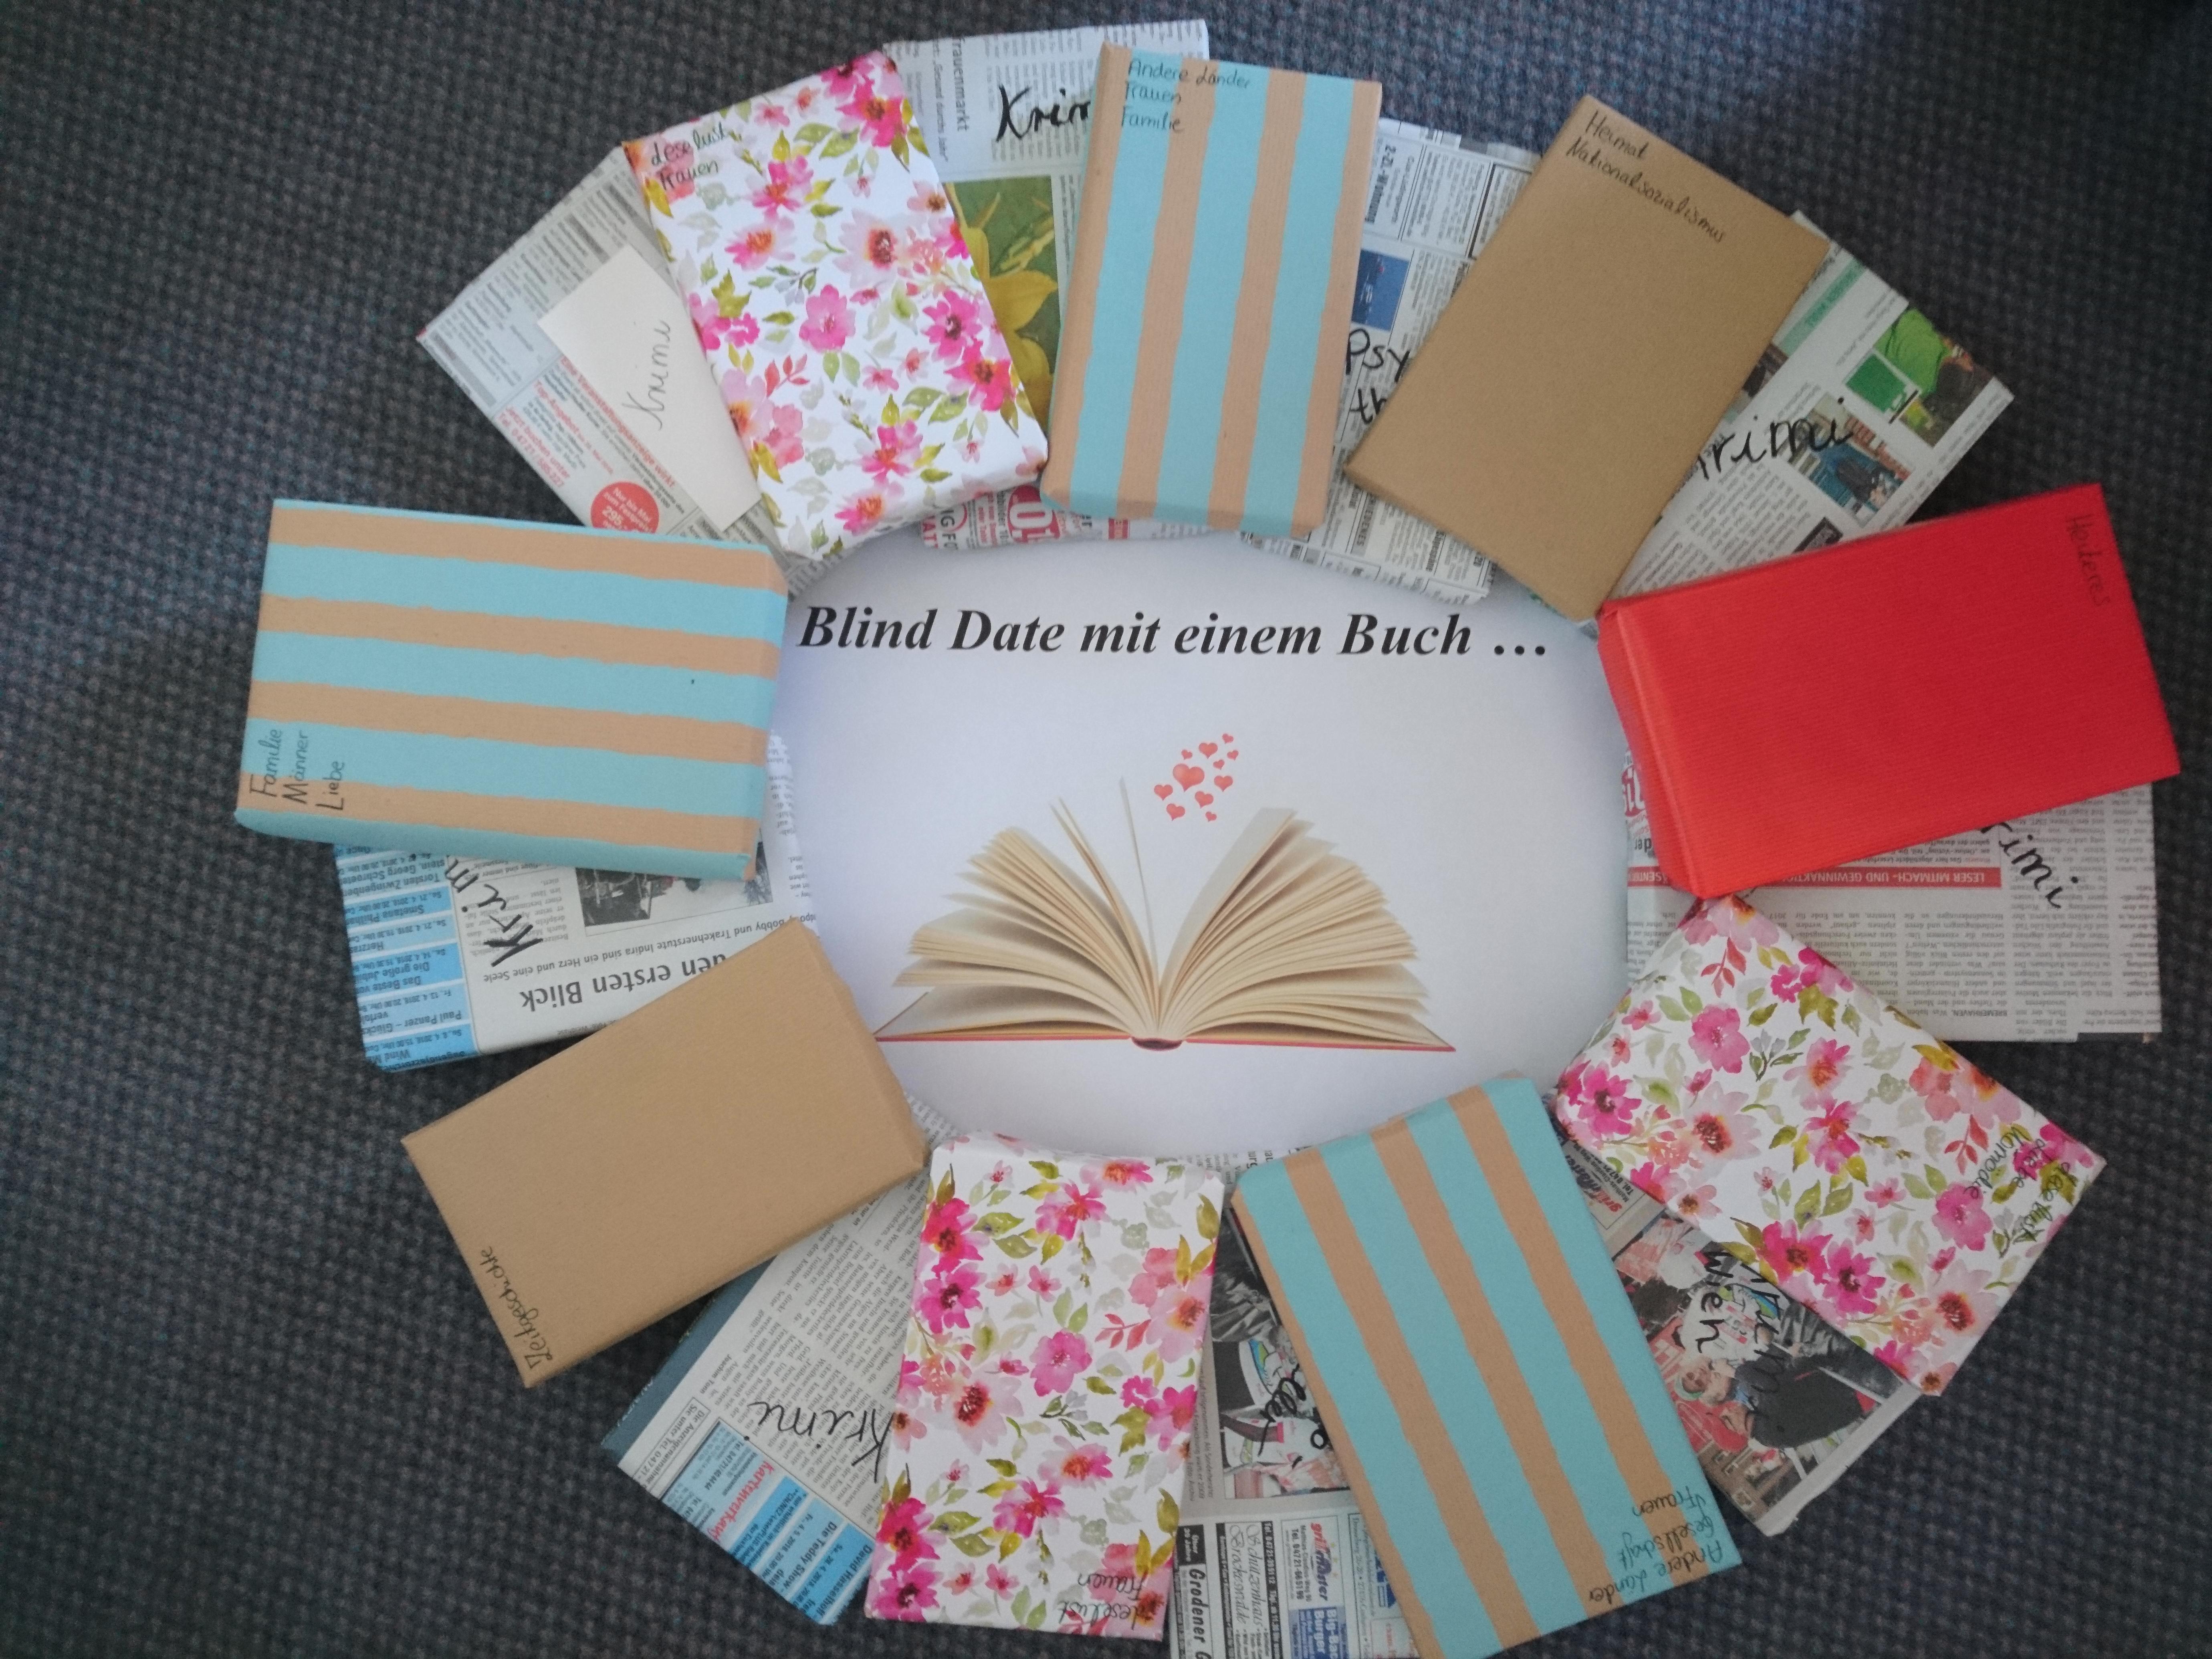 Blind Date mit einem Buch!